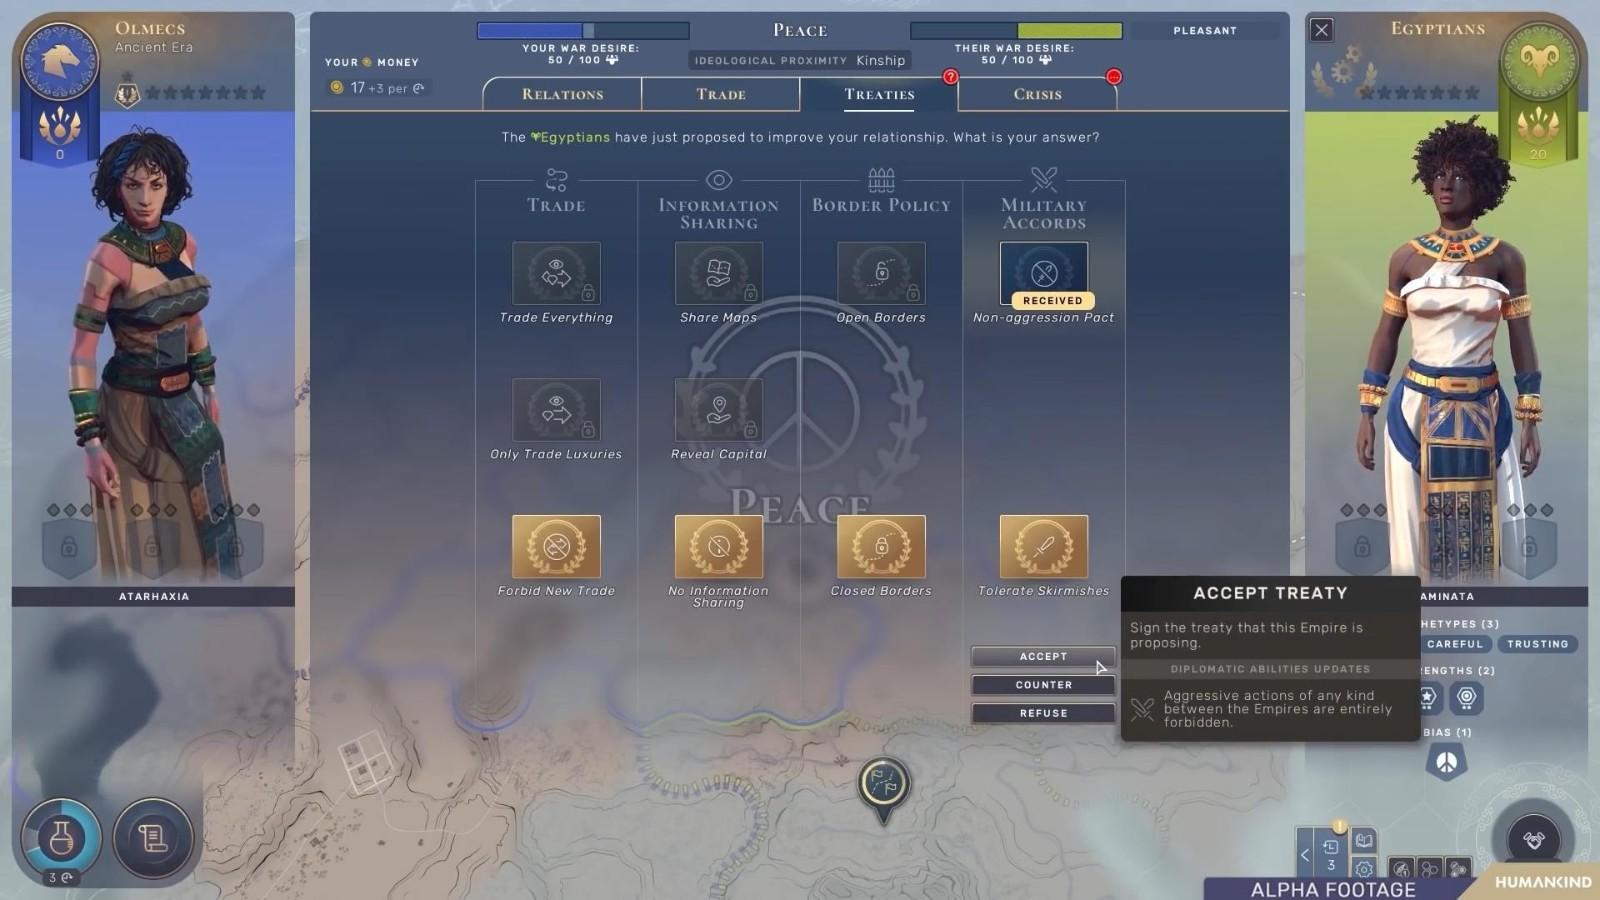 世嘉《人类》新视频公布 重点展示外交功能